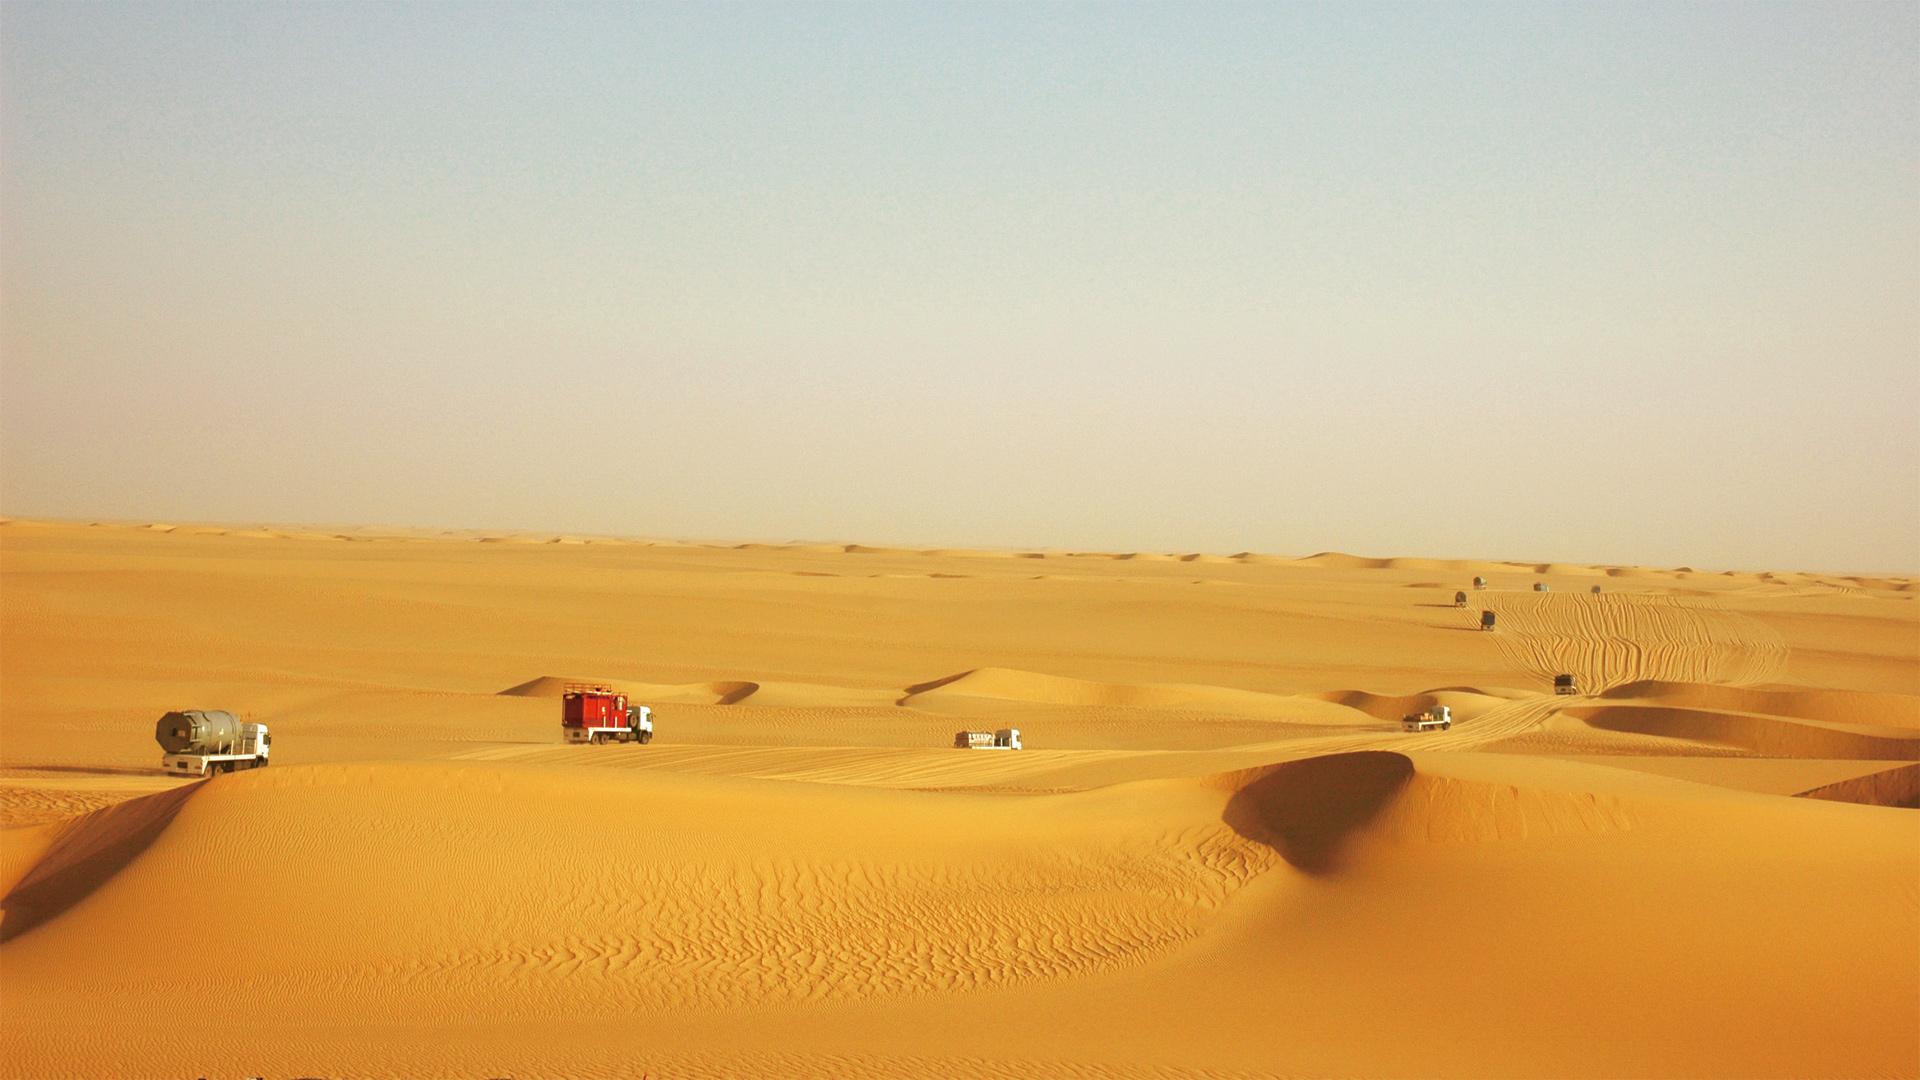 壁纸 沙漠 桌面 1920_1080